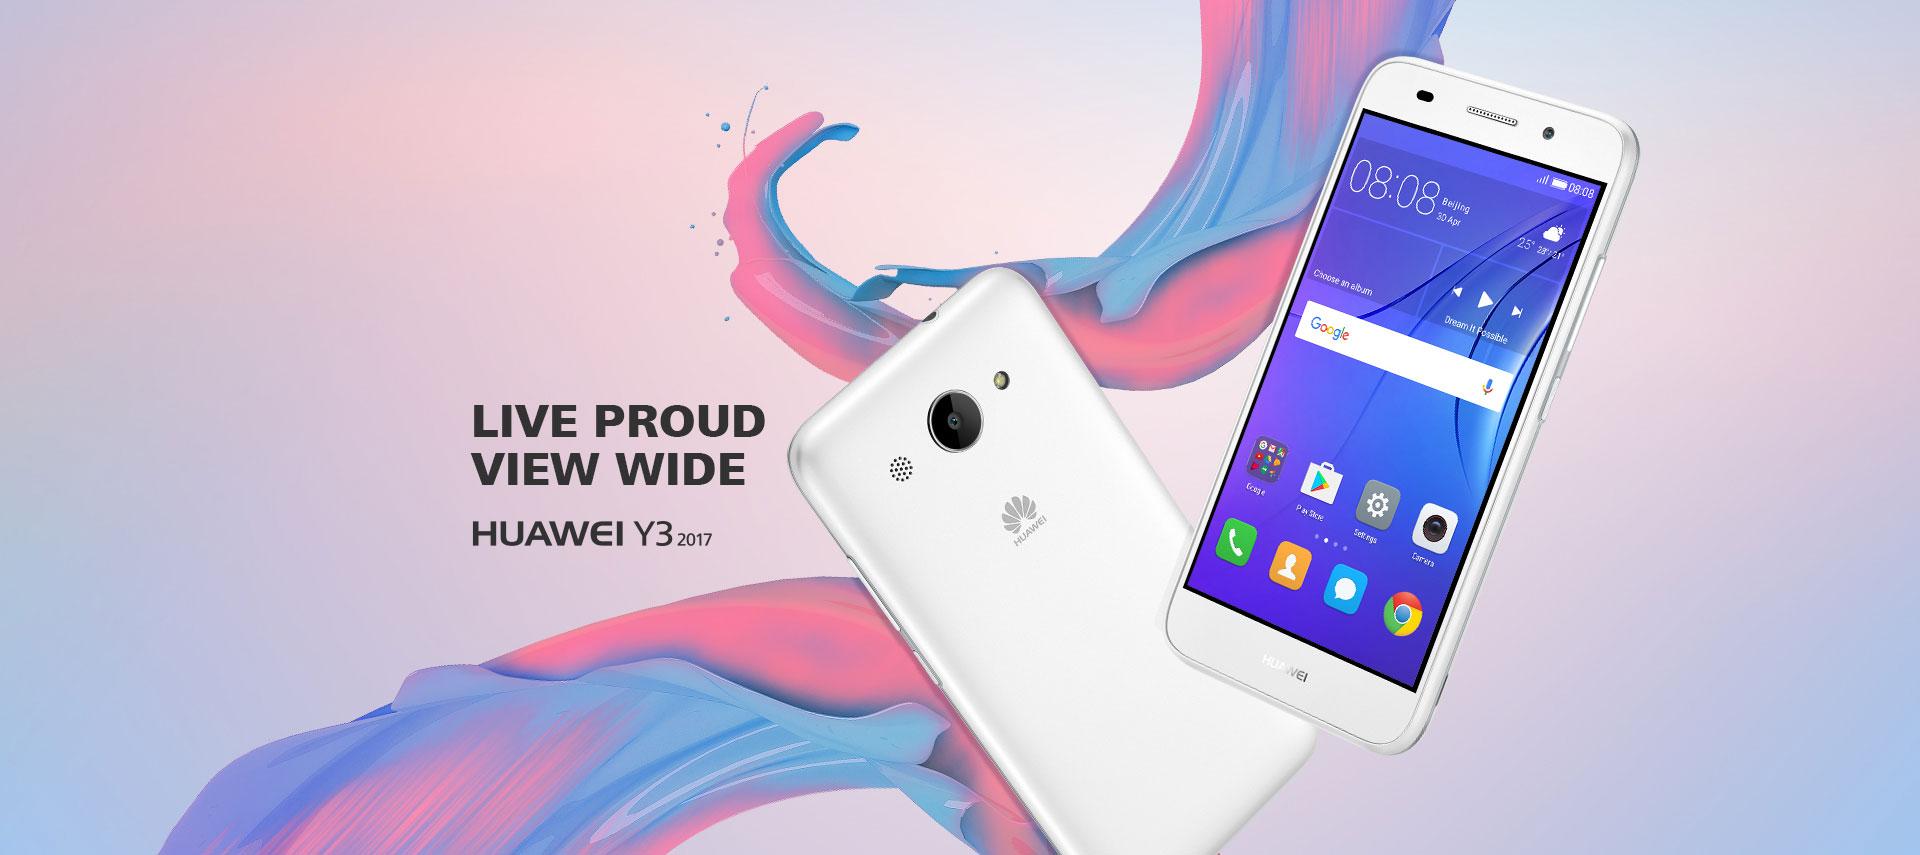 Huawei-Y3-2017-